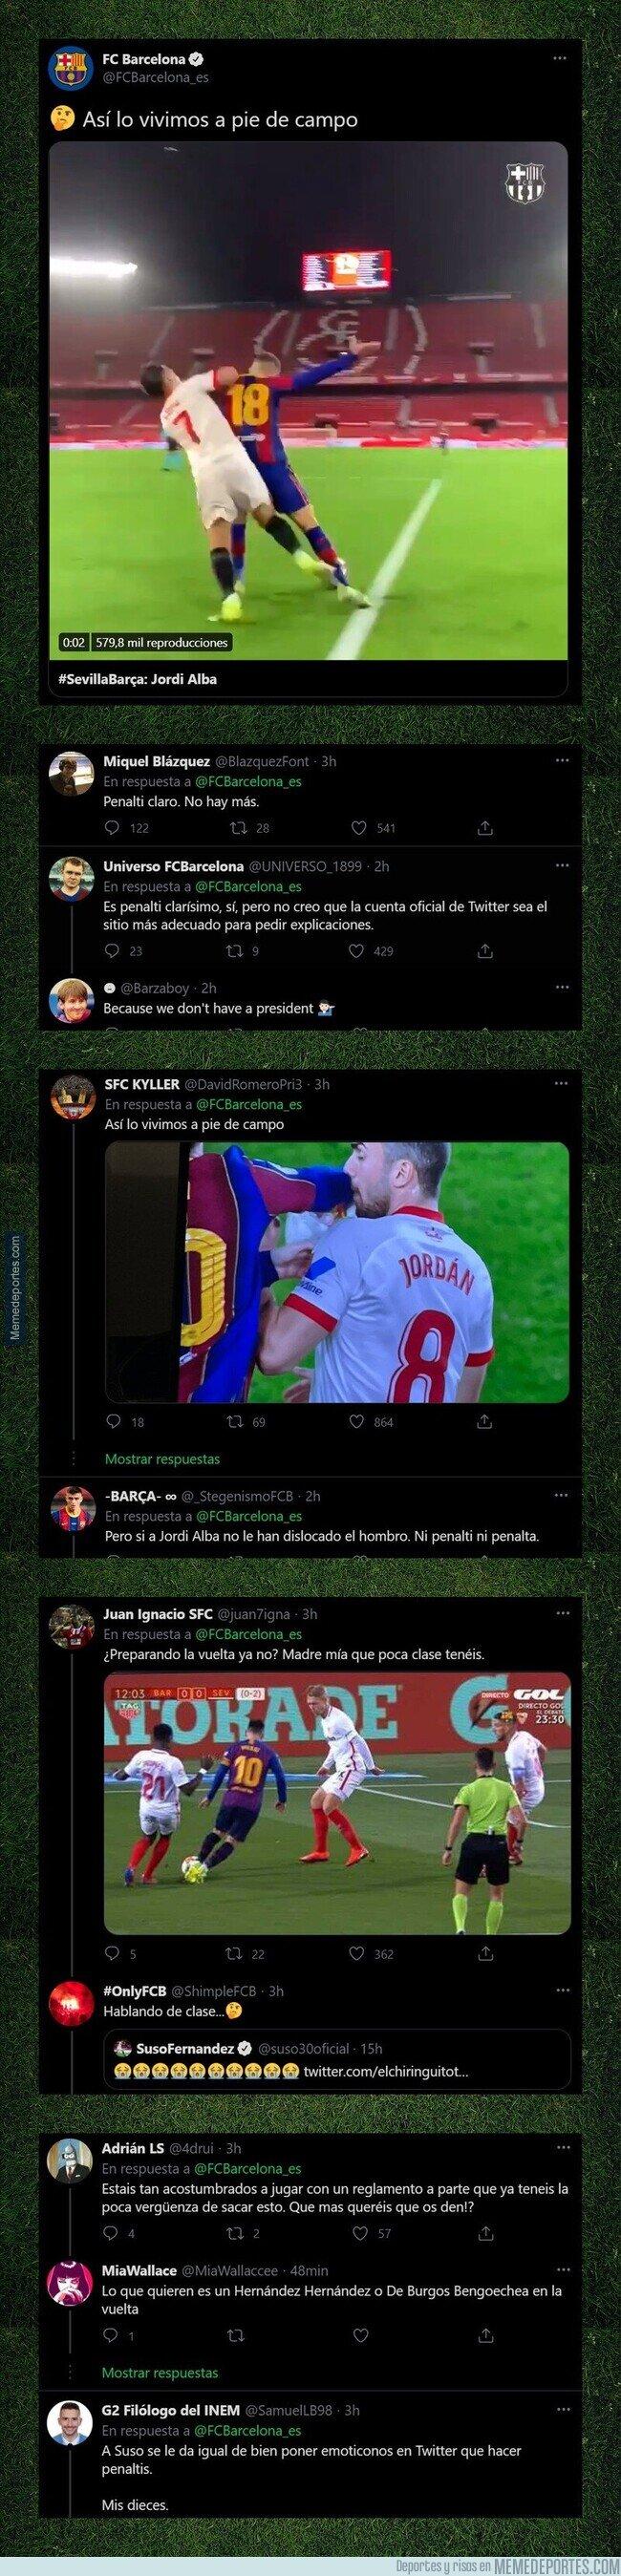 1127533 - El Barça la lía por completo al publicar este tuit después de que el árbitro no pitase penalti en el partido frente al Sevilla